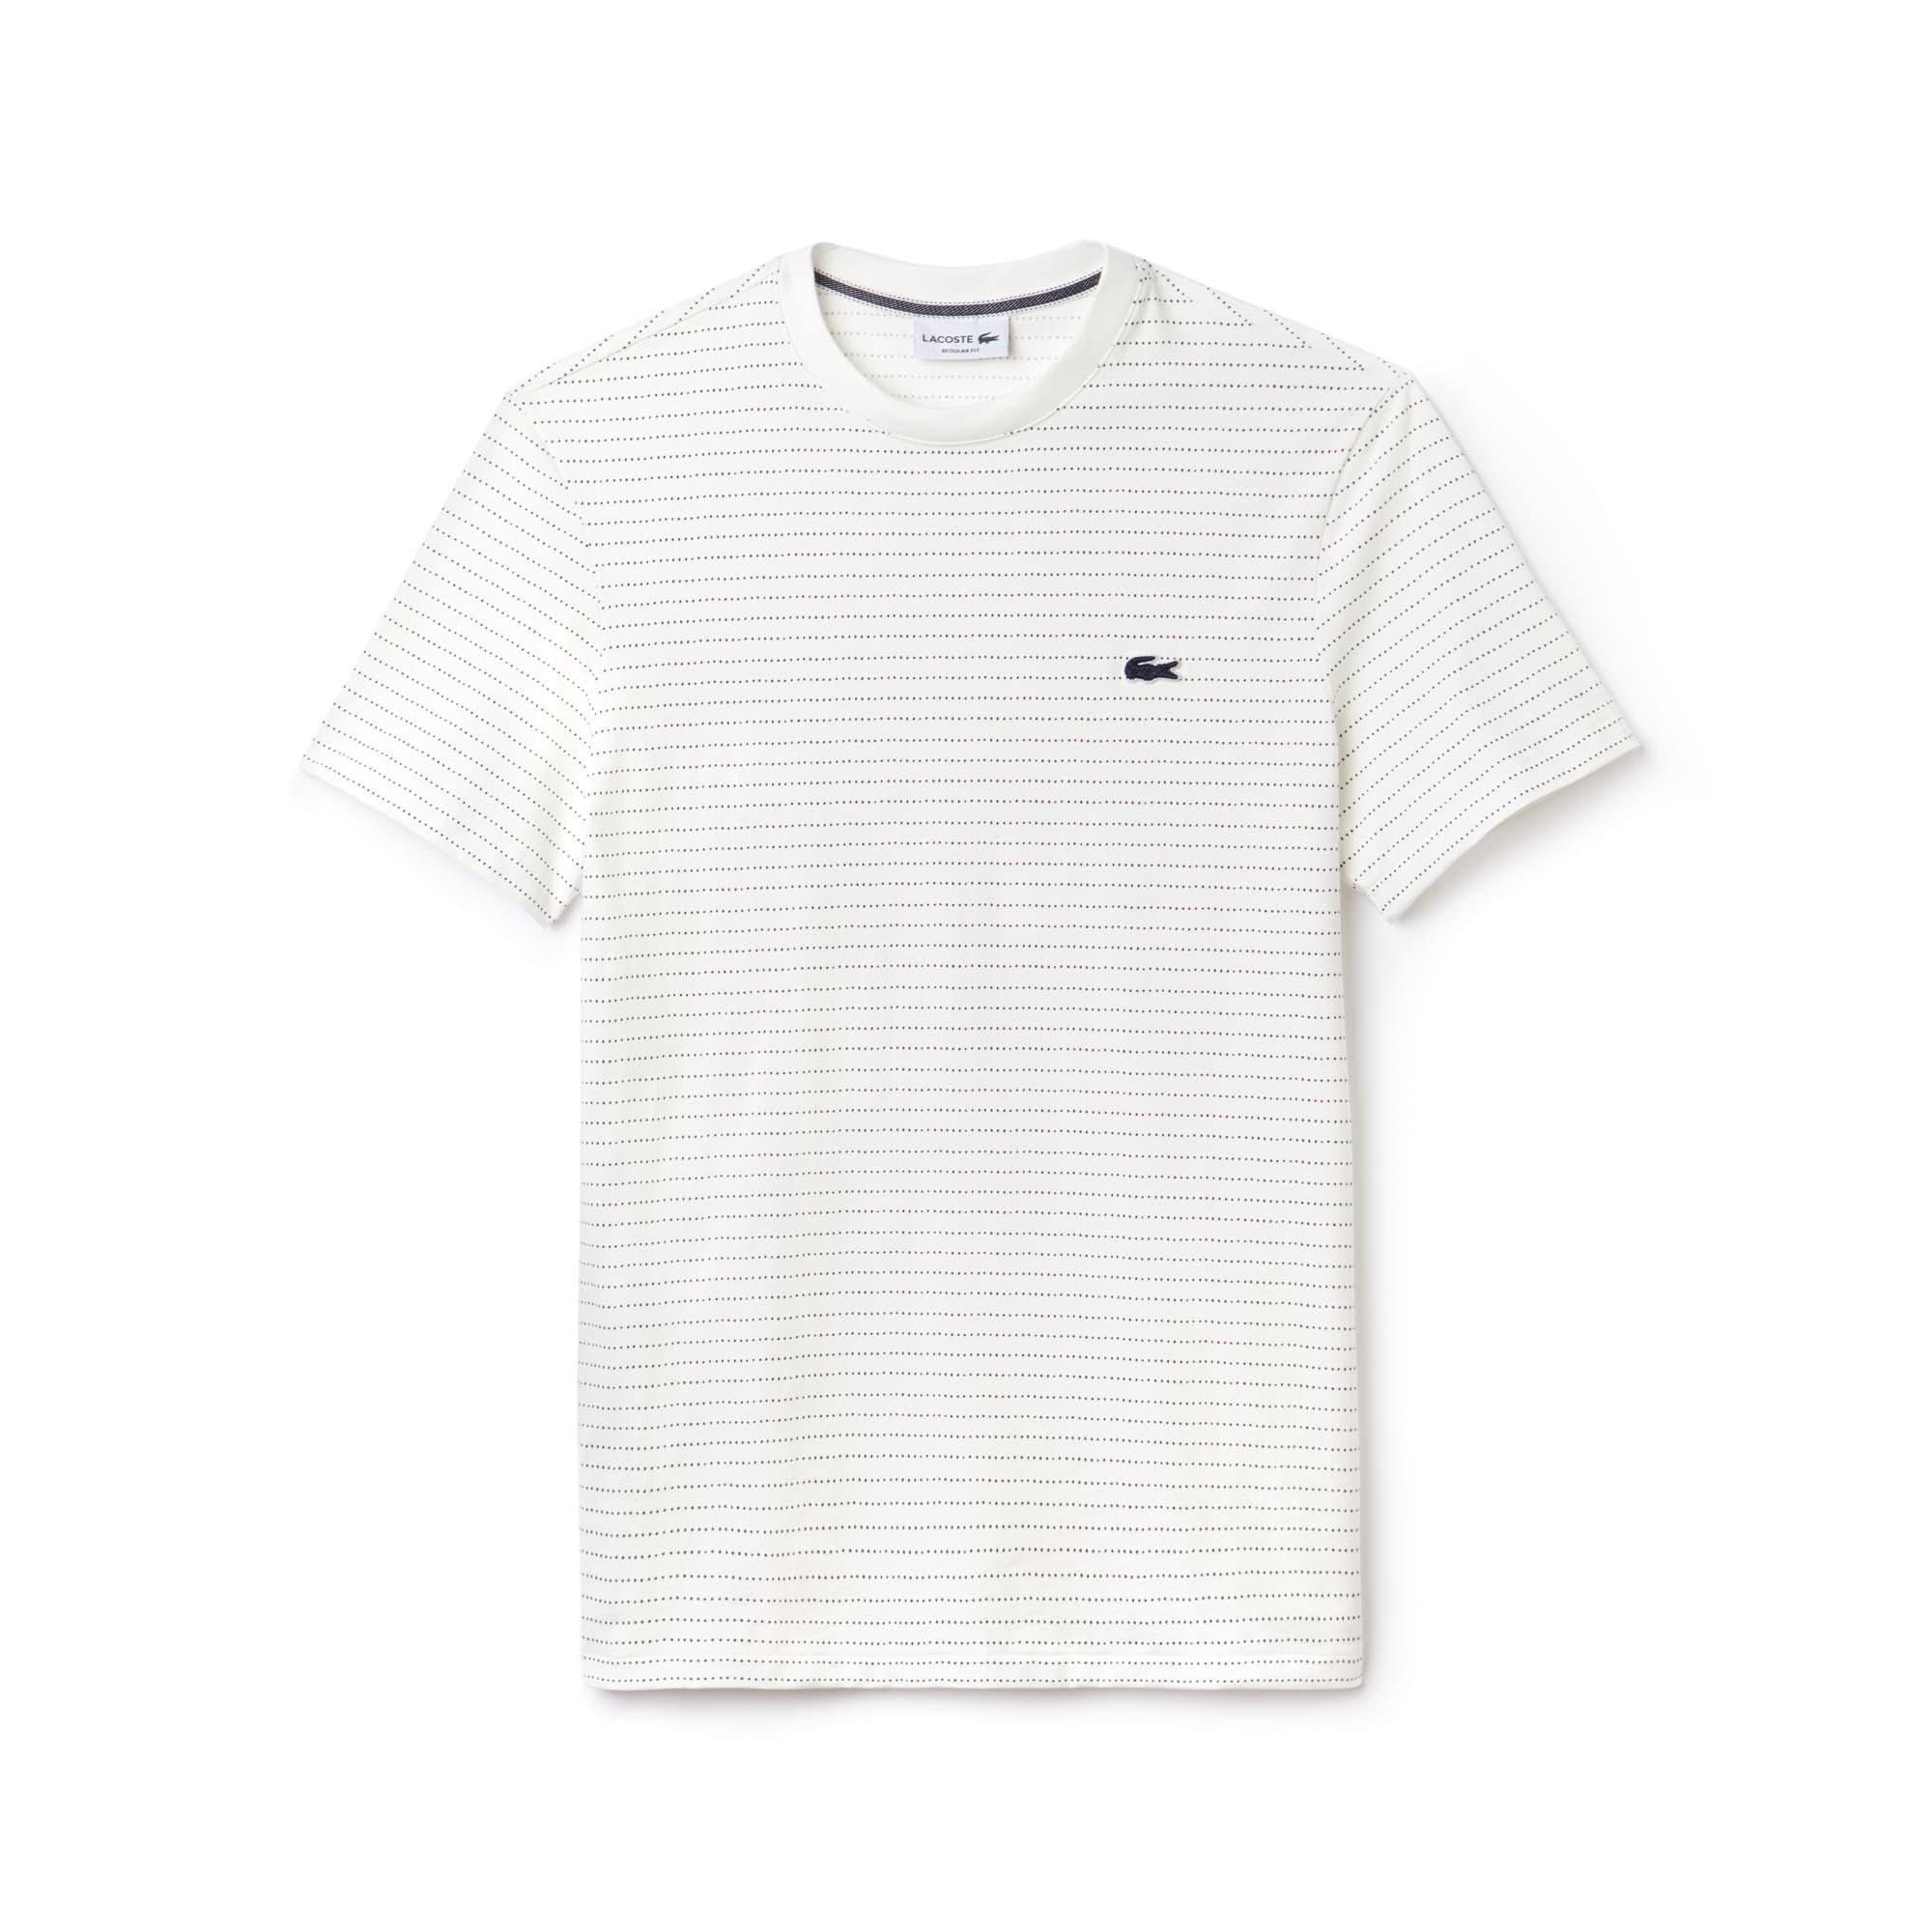 Lacoste - T-shirt col rond en jersey de coton imprimé filet - 3